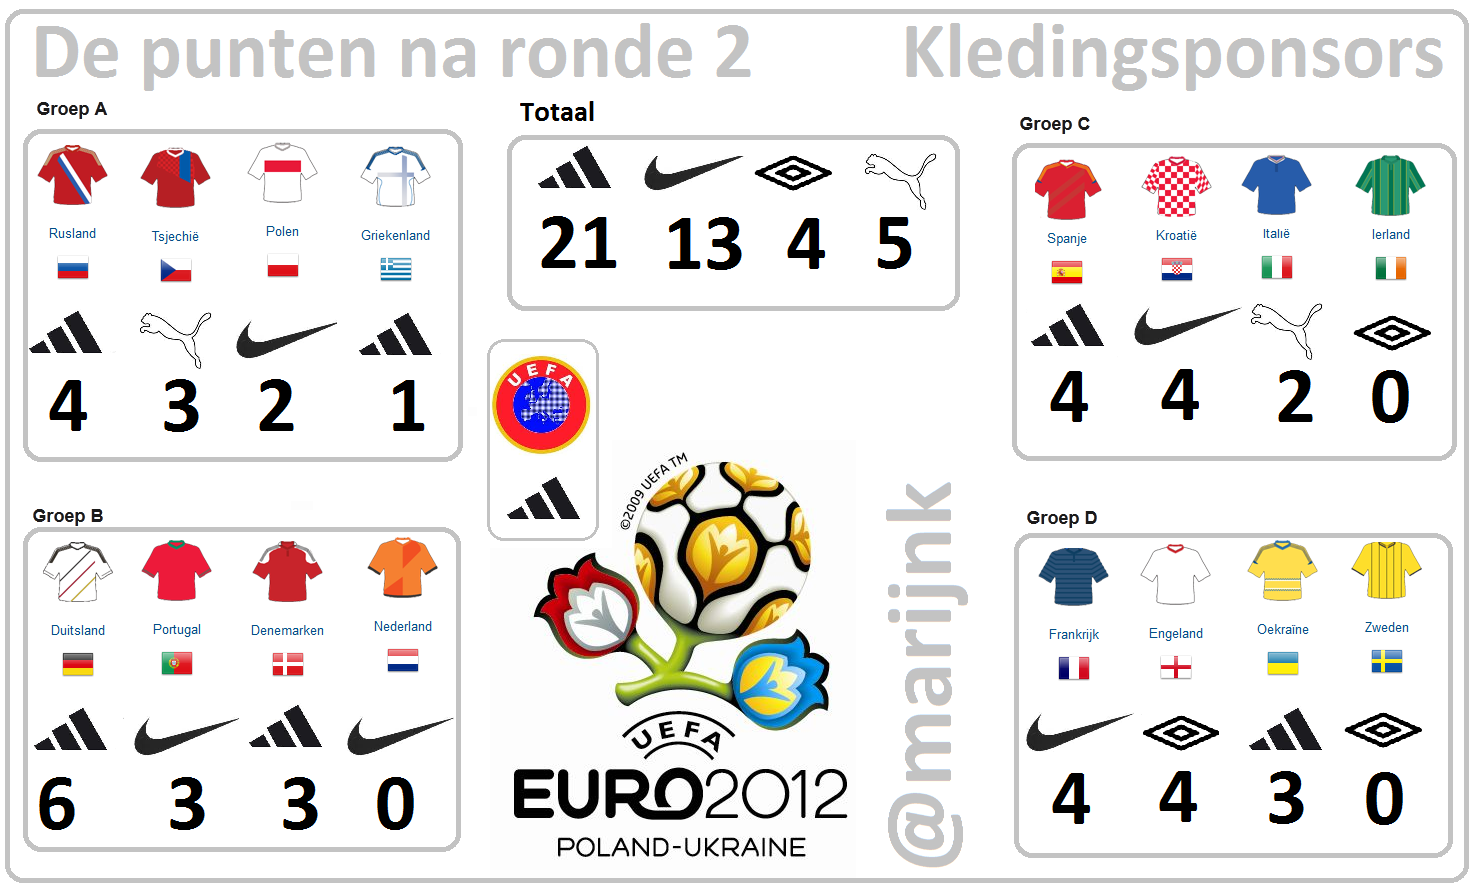 Punten na ronde 2, Euro 2012, EK 2012, kledingsponsor